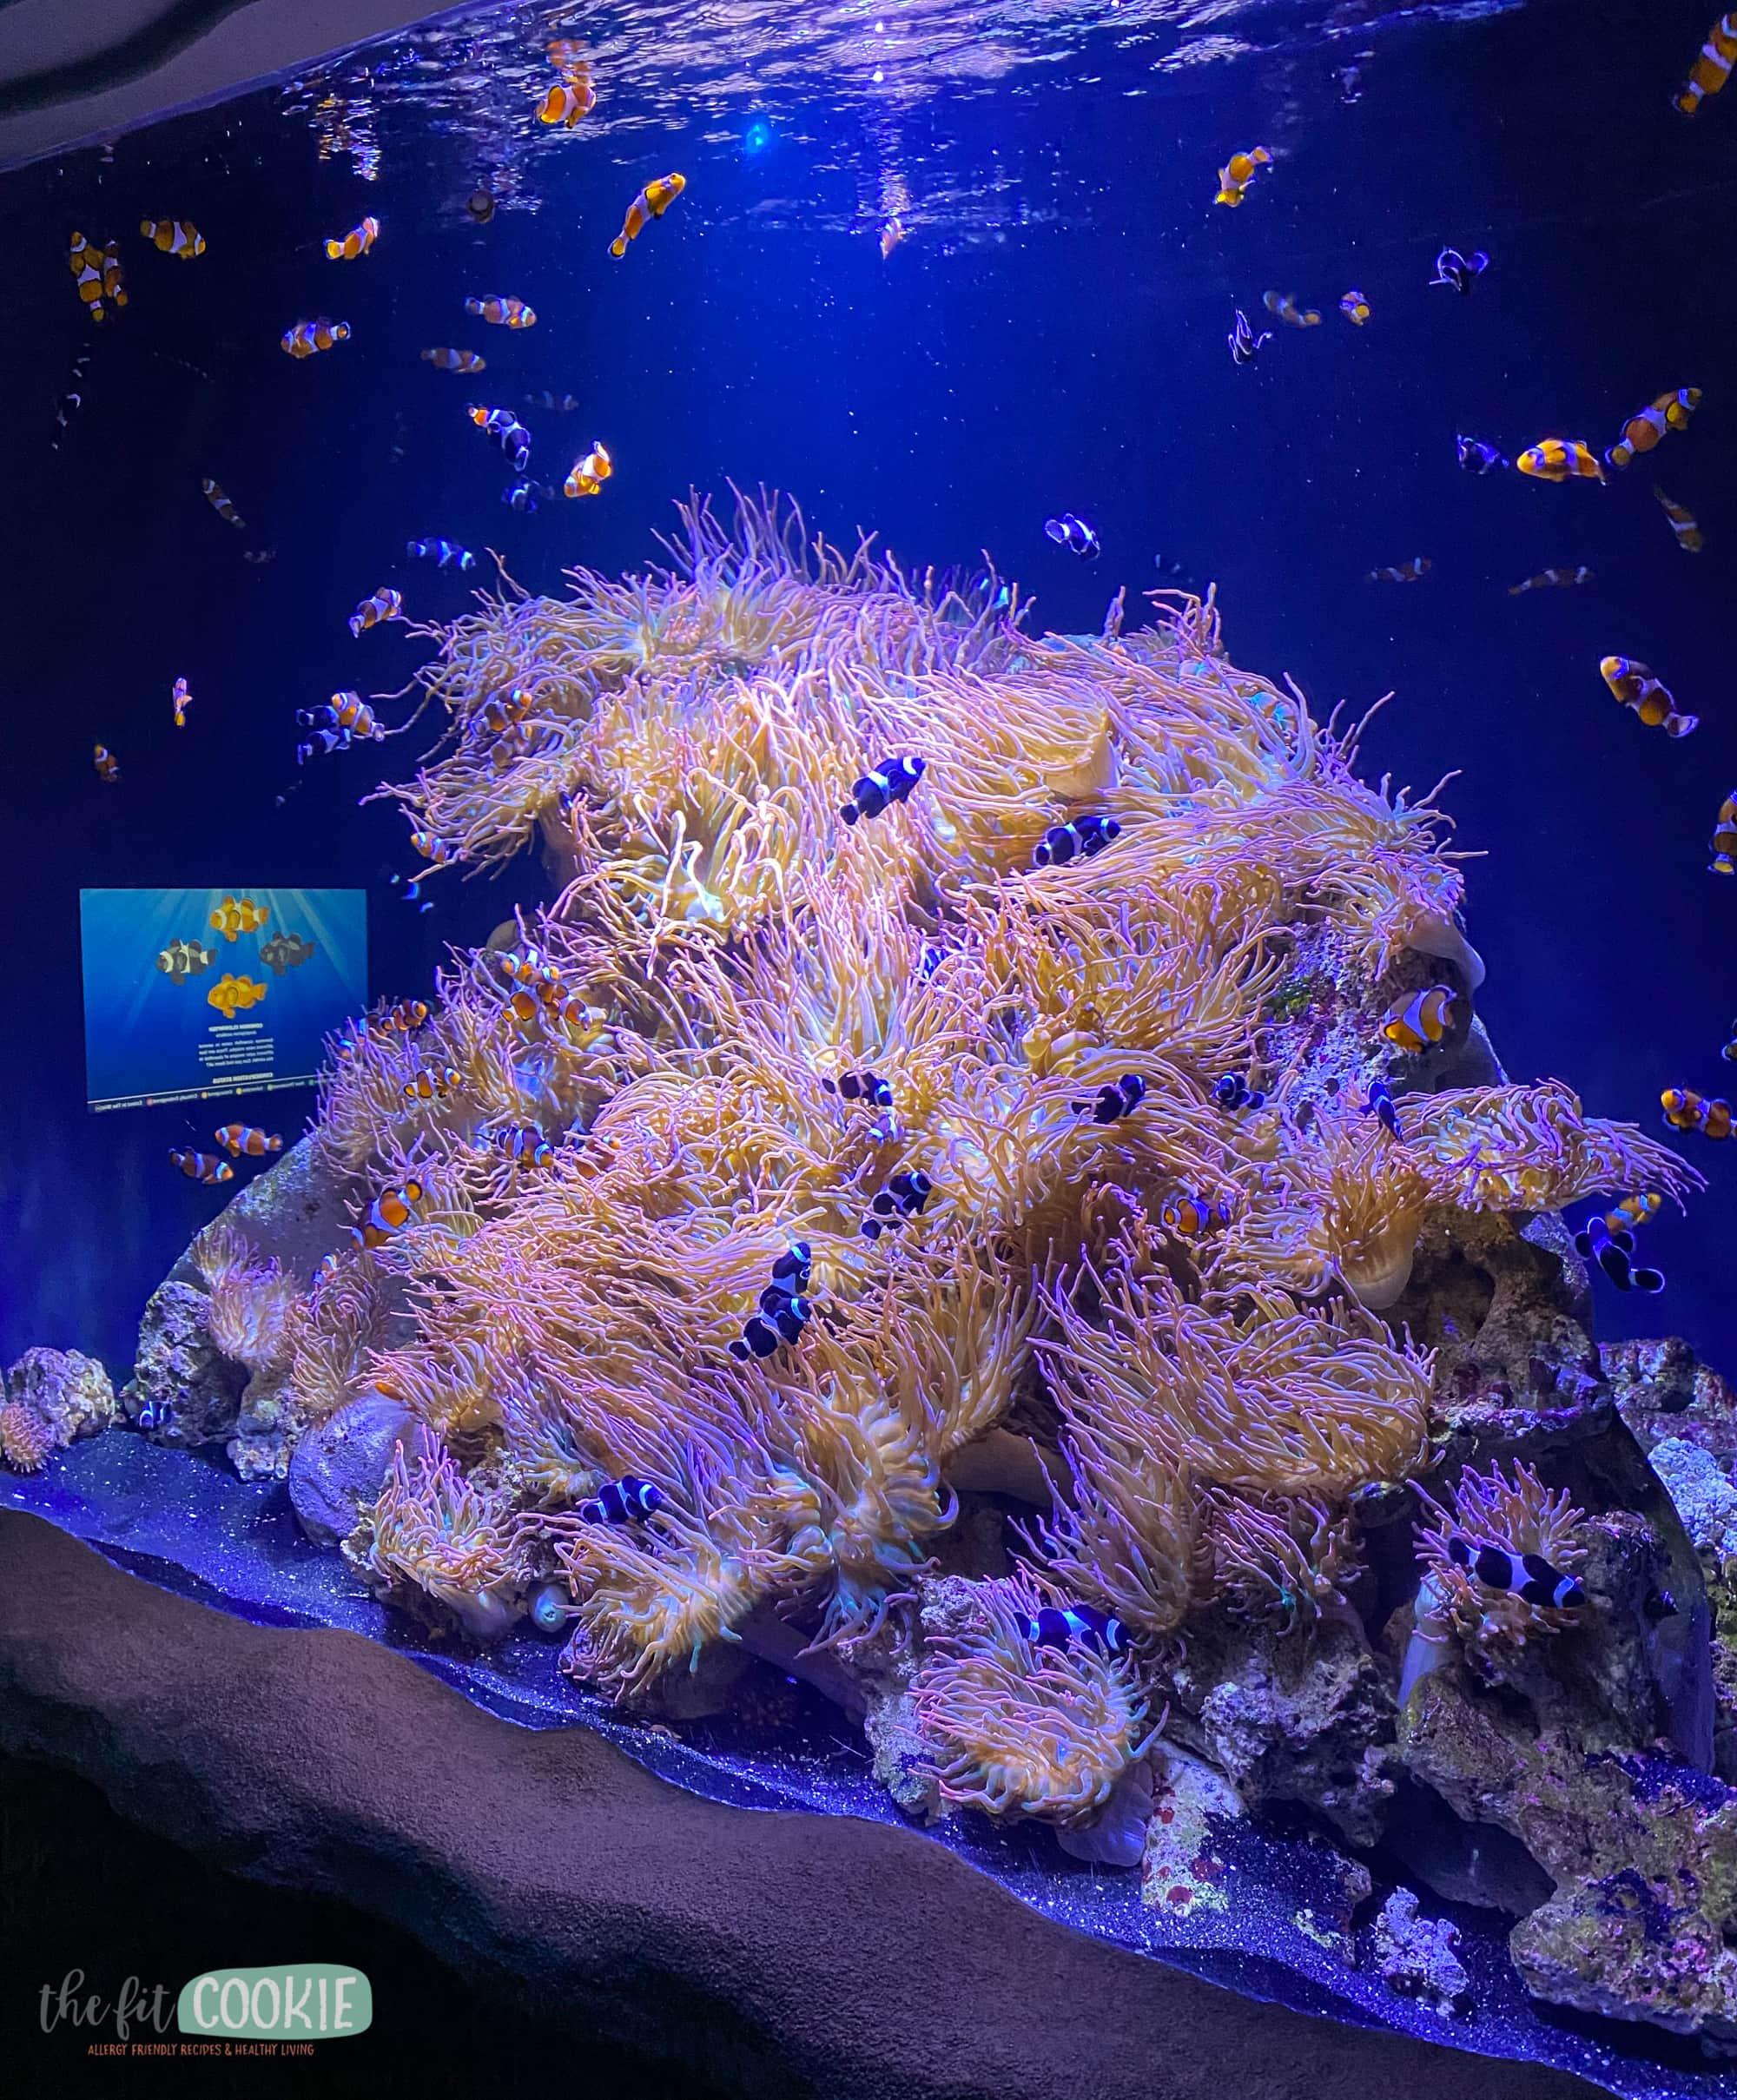 clownfish exhibit at Living Planet Aquarium